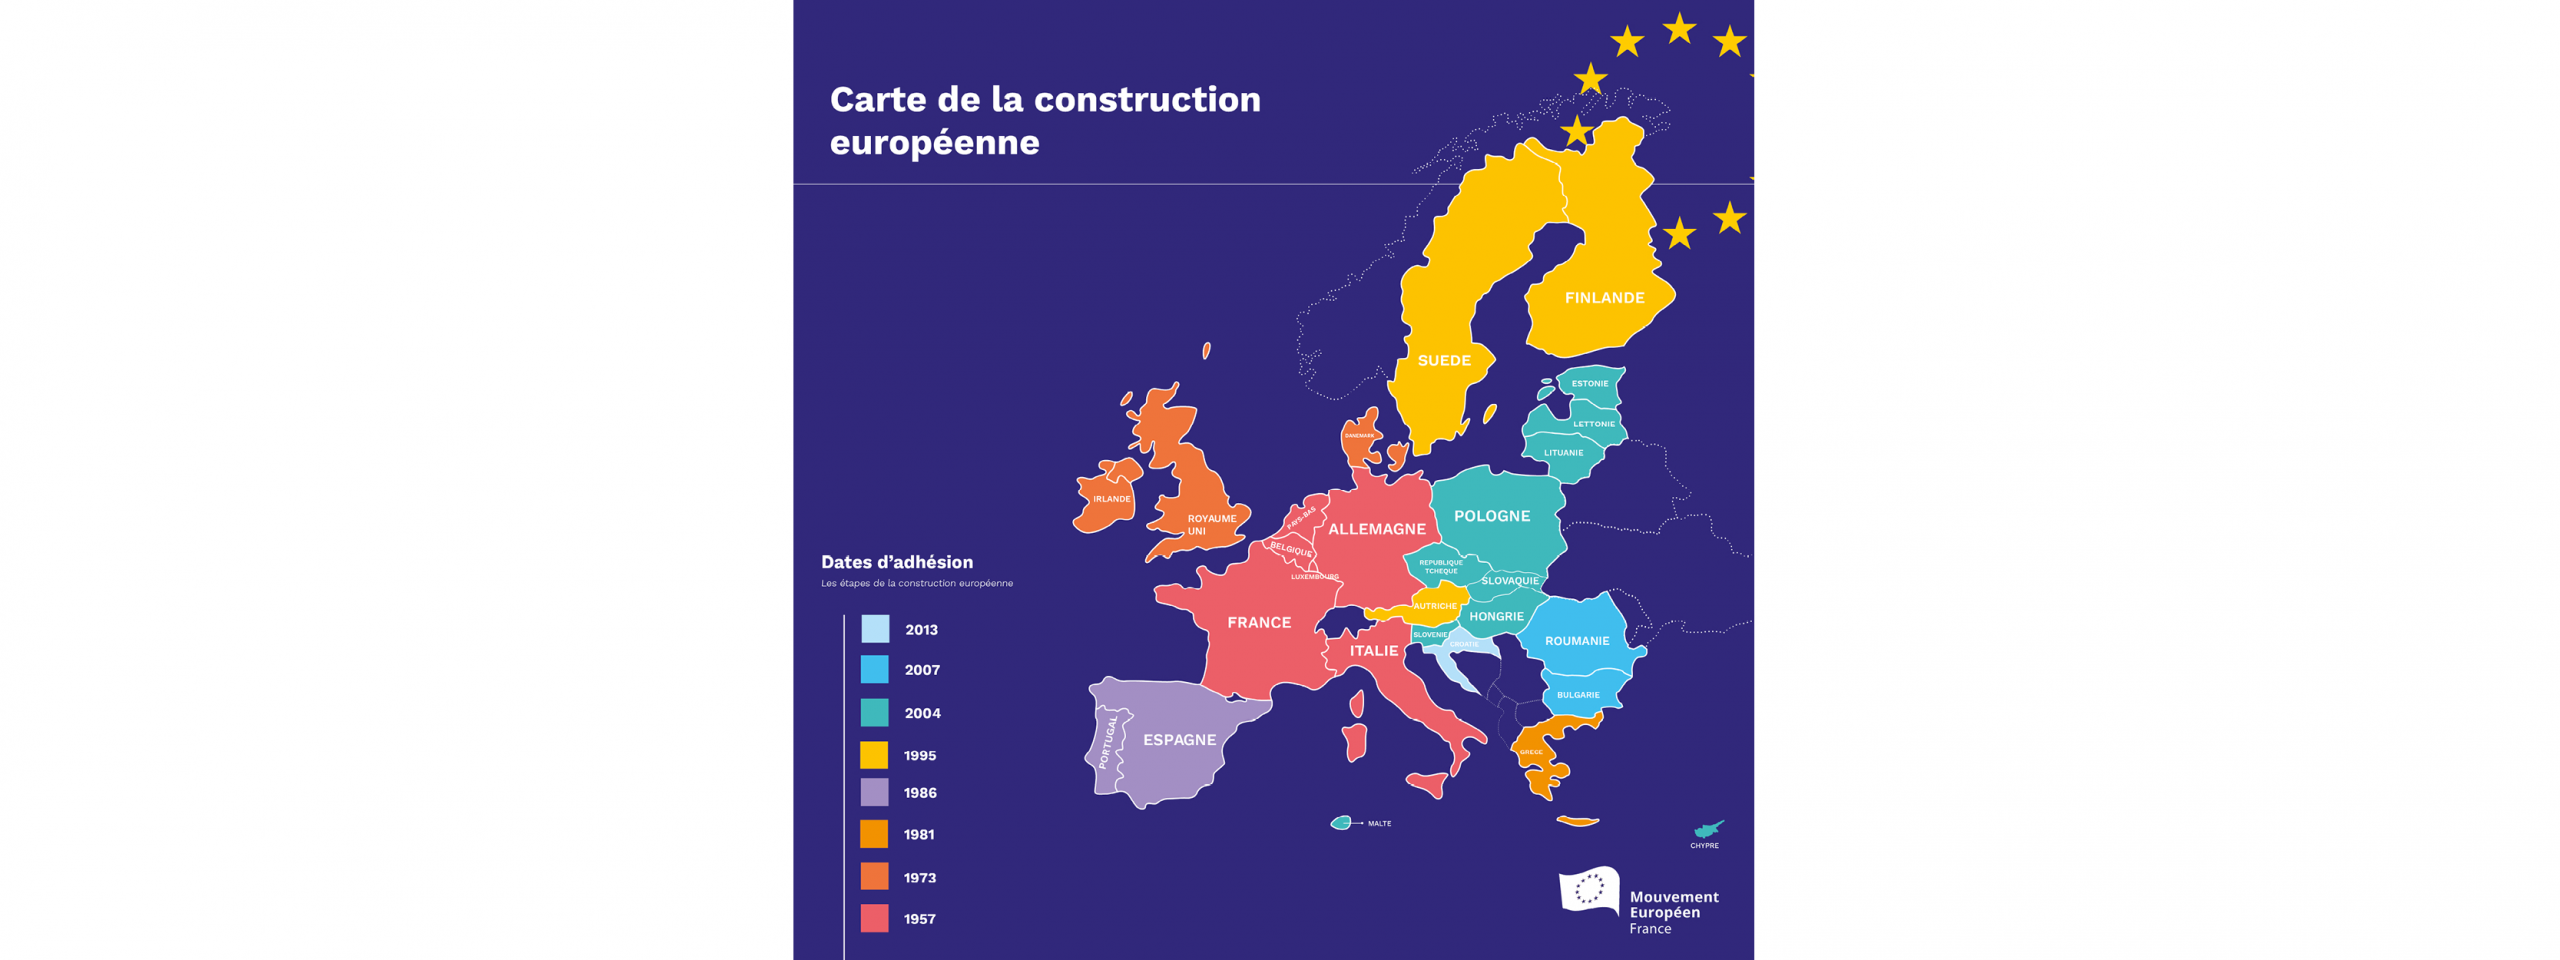 Union Européenne : La Construction Européenne En Carte intérieur Carte Des Pays De L Europe